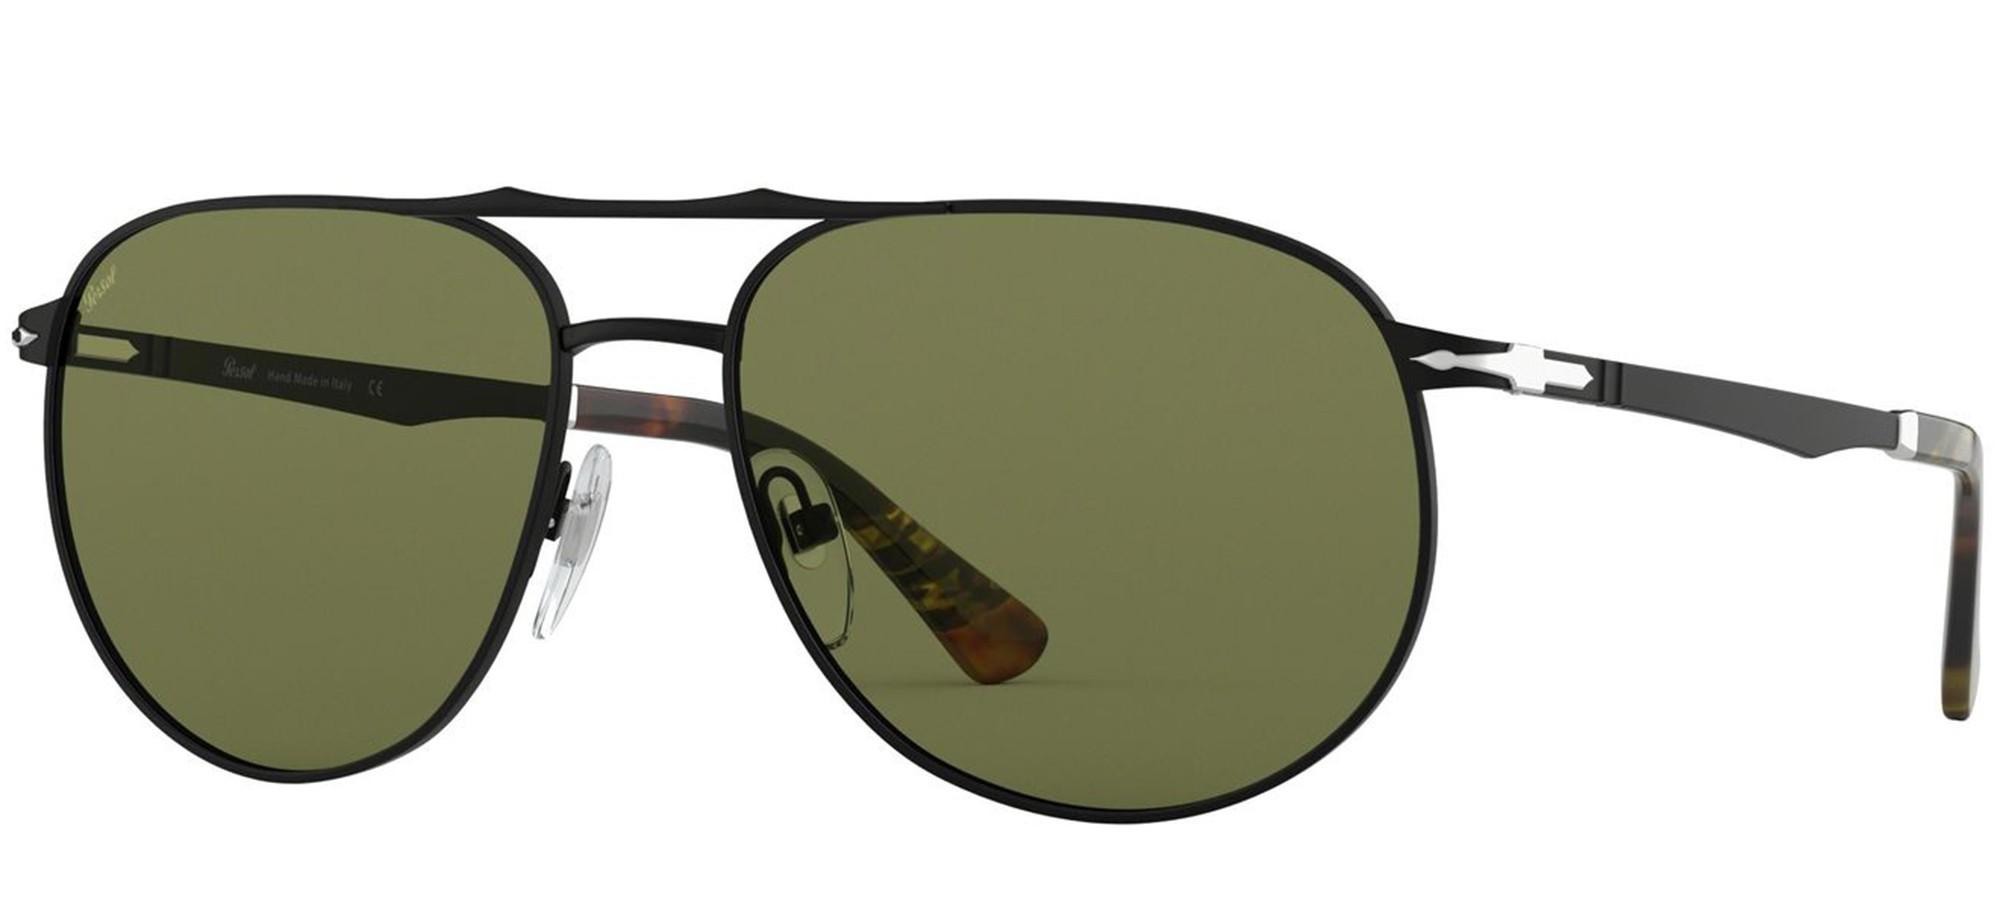 Persol solbriller SARTORIA PO 2455S